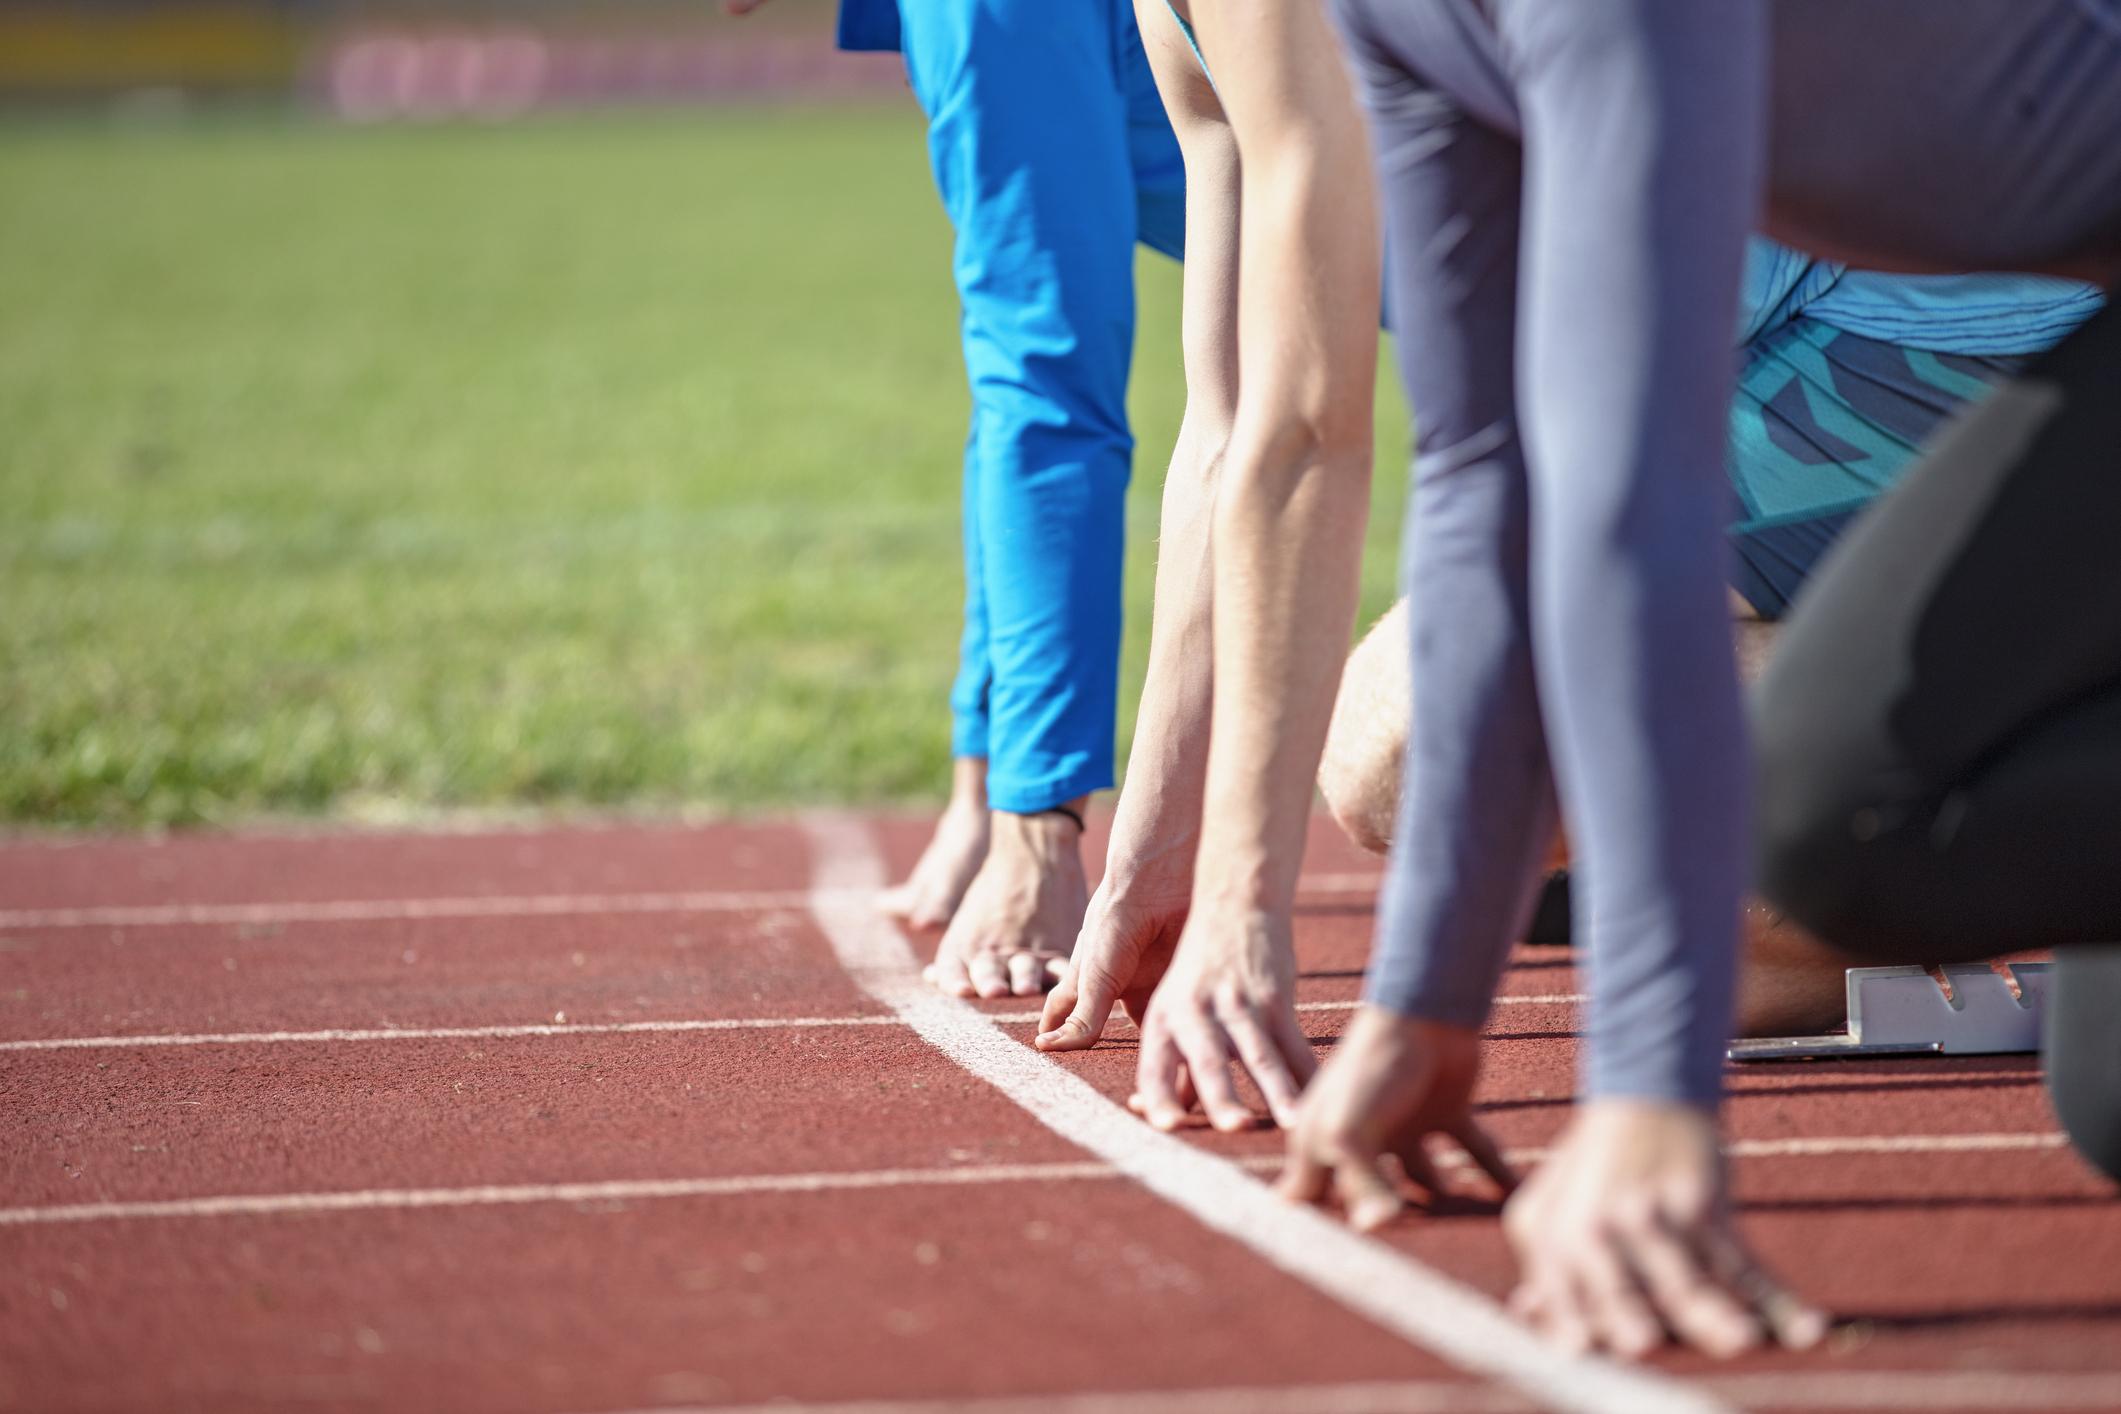 Three runners on starting blocks.